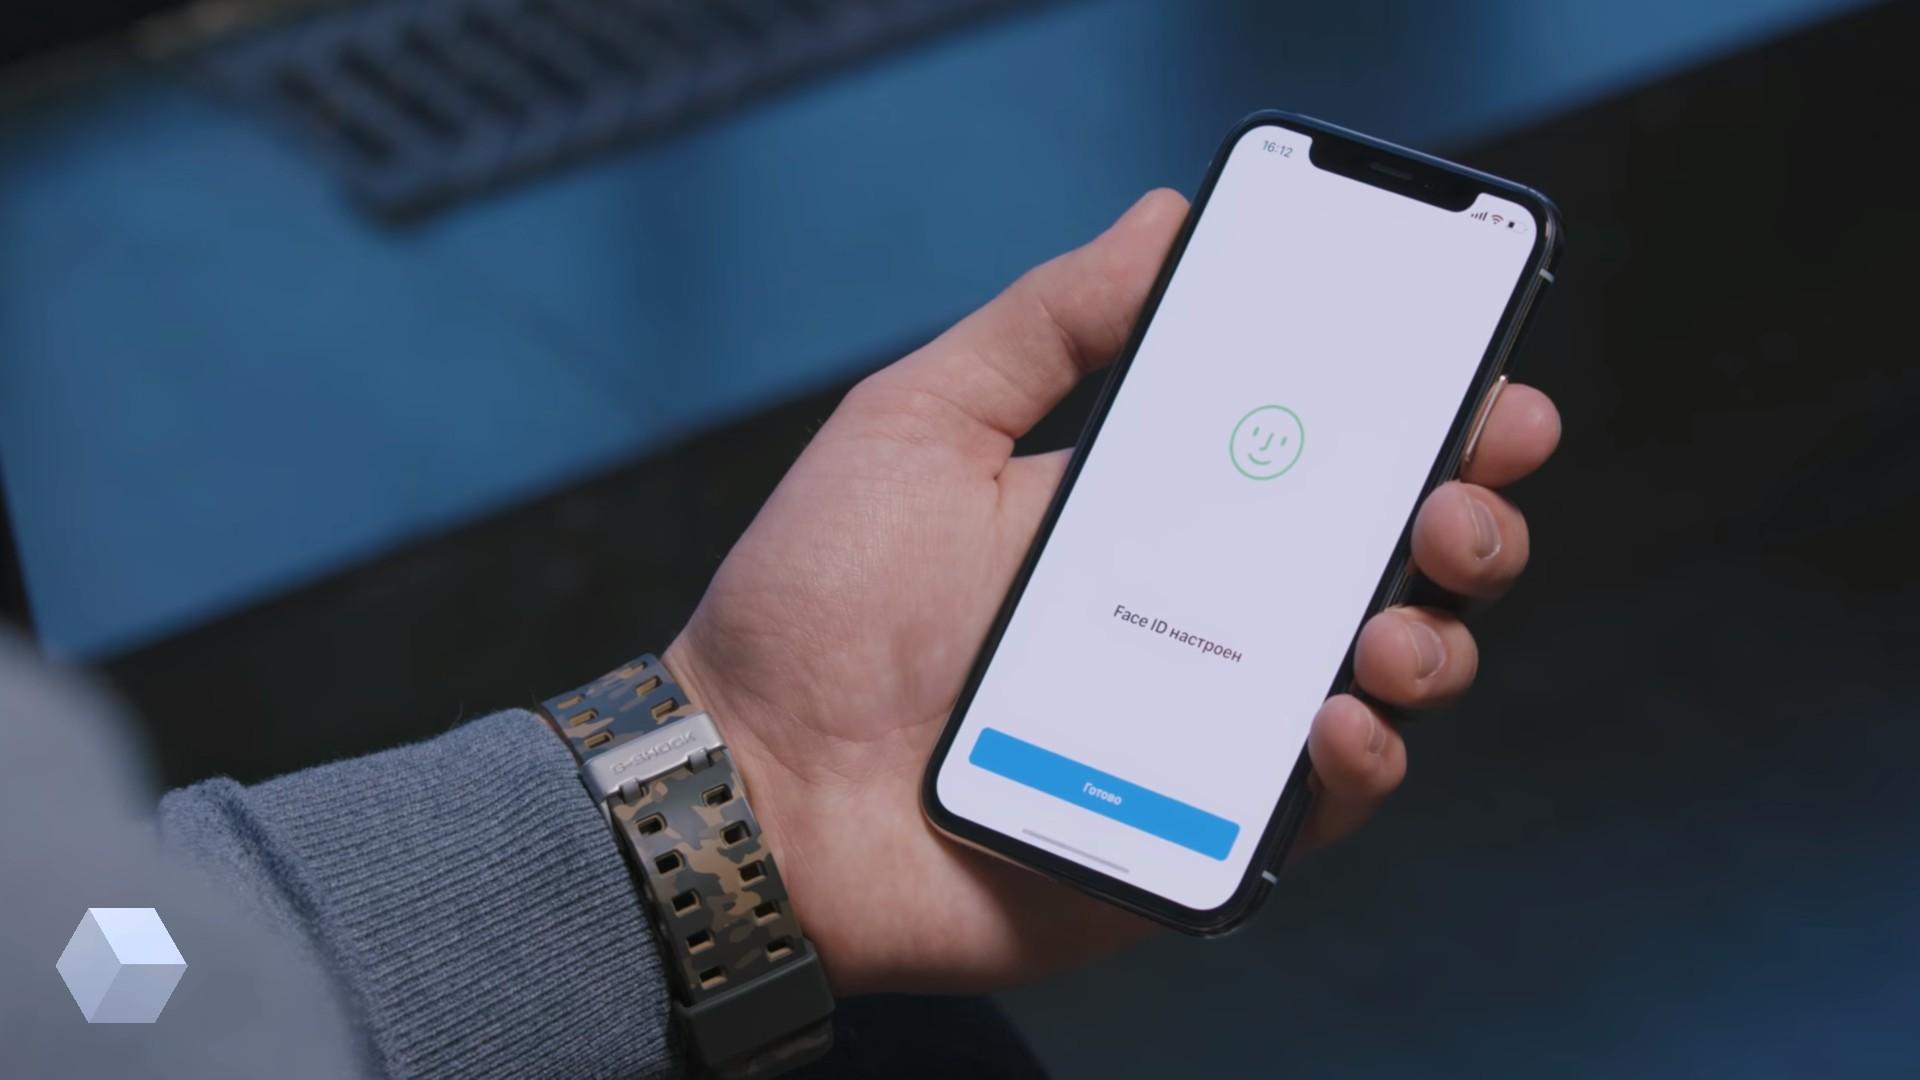 ФБР впервые потребовала подозреваемого разблокировать iPhone через Face ID